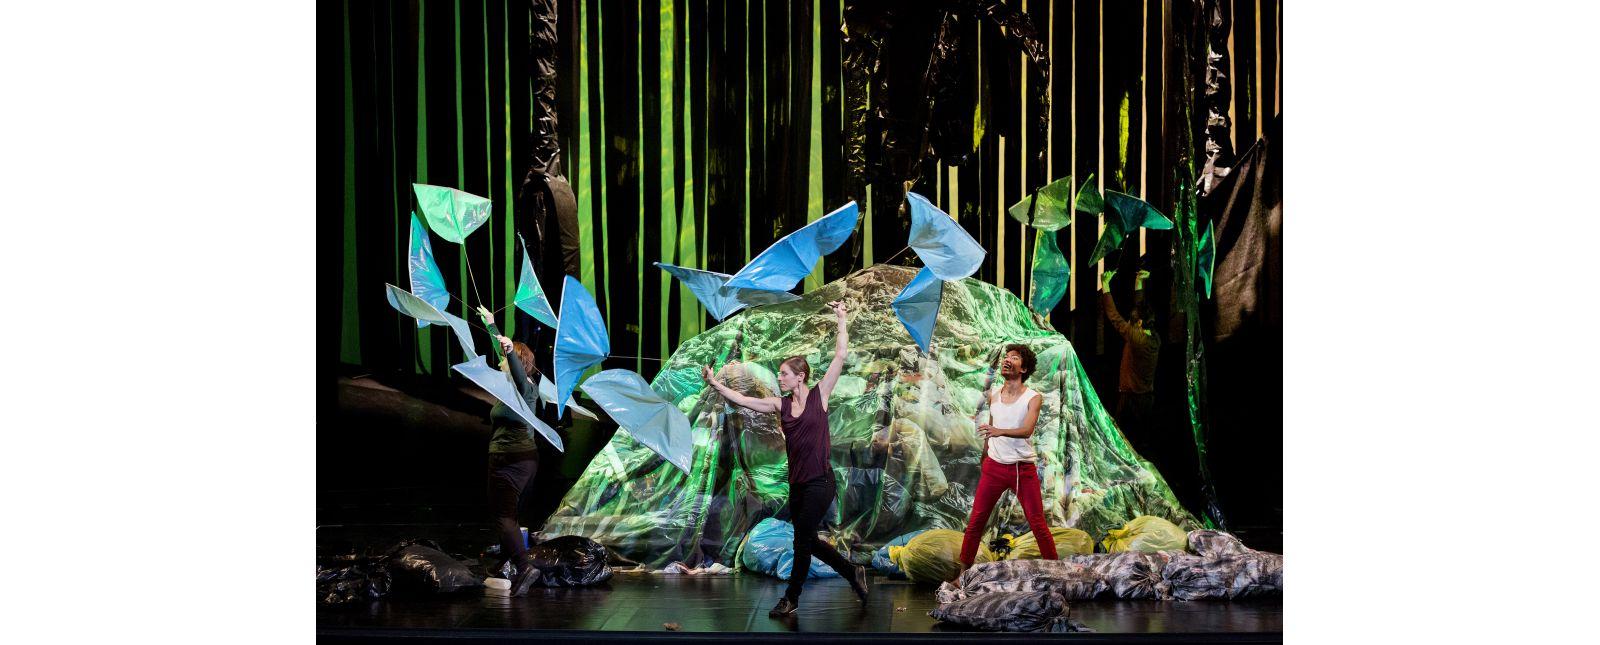 Das Dschungelbuch // Katharina Halus, Stefanie Mrachacz, Yalany Marschner // Foto: Rainer Muranyi